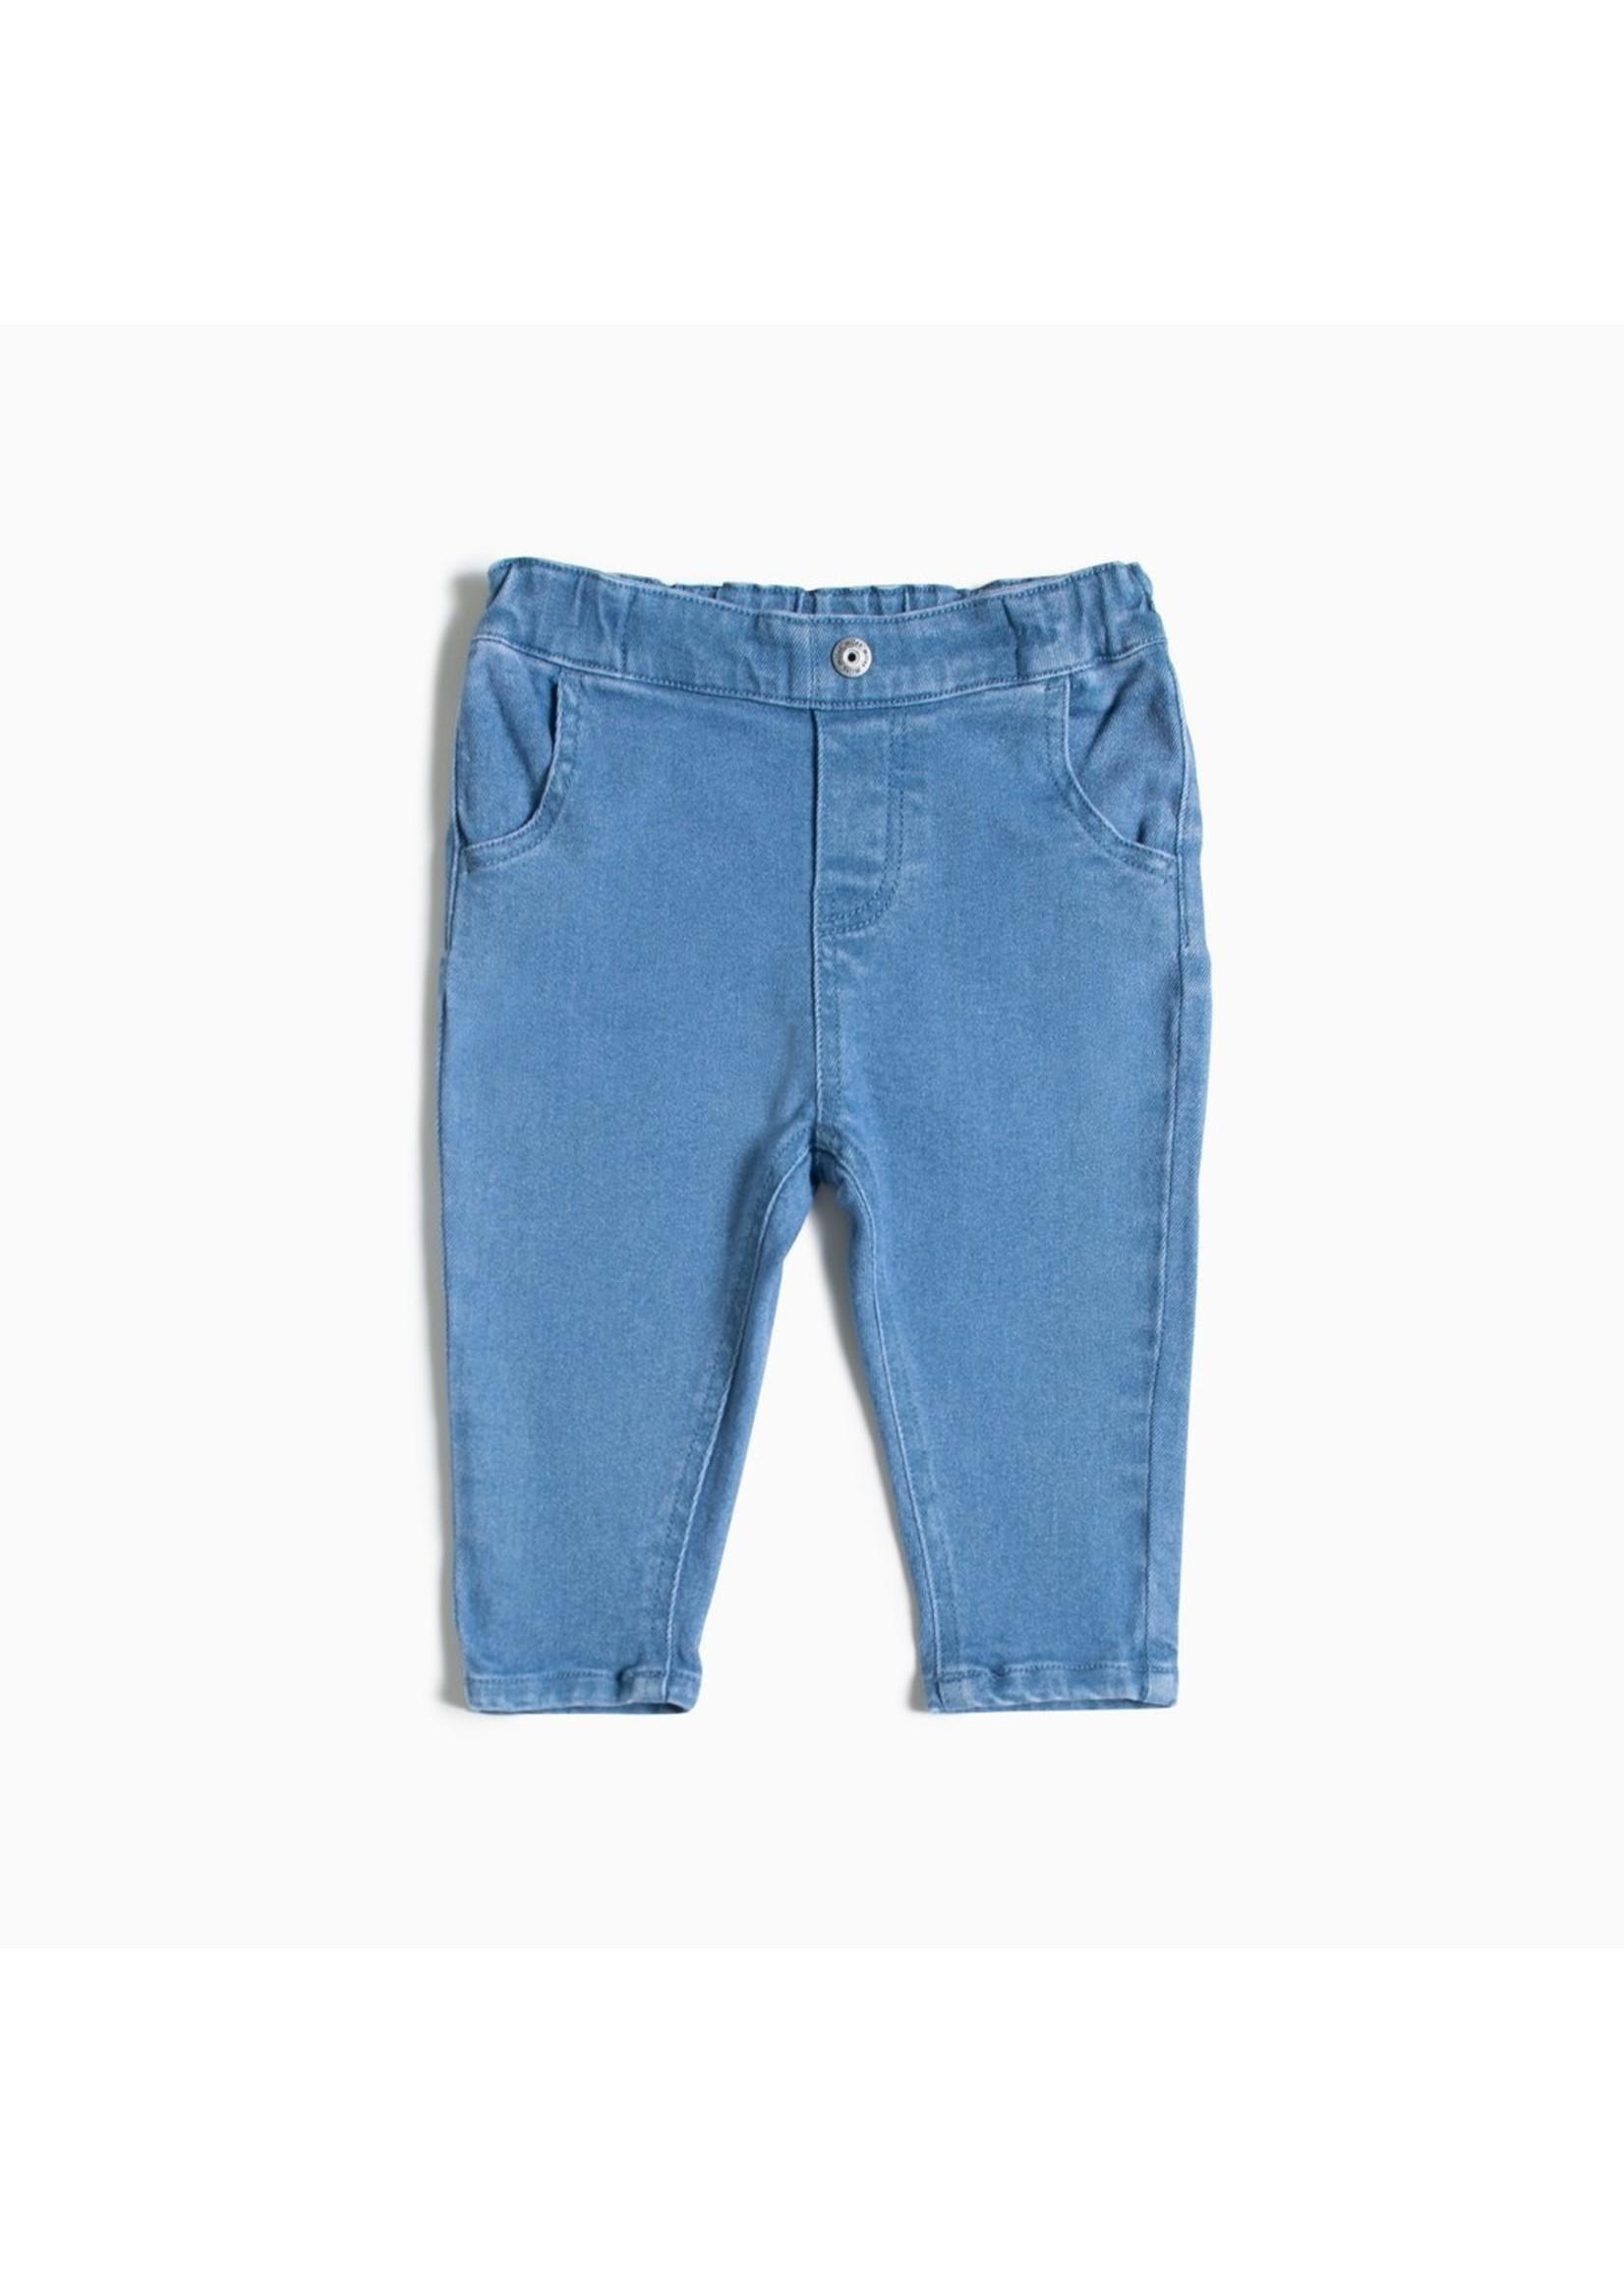 Miles Pantalon bleu clair en éco-denim